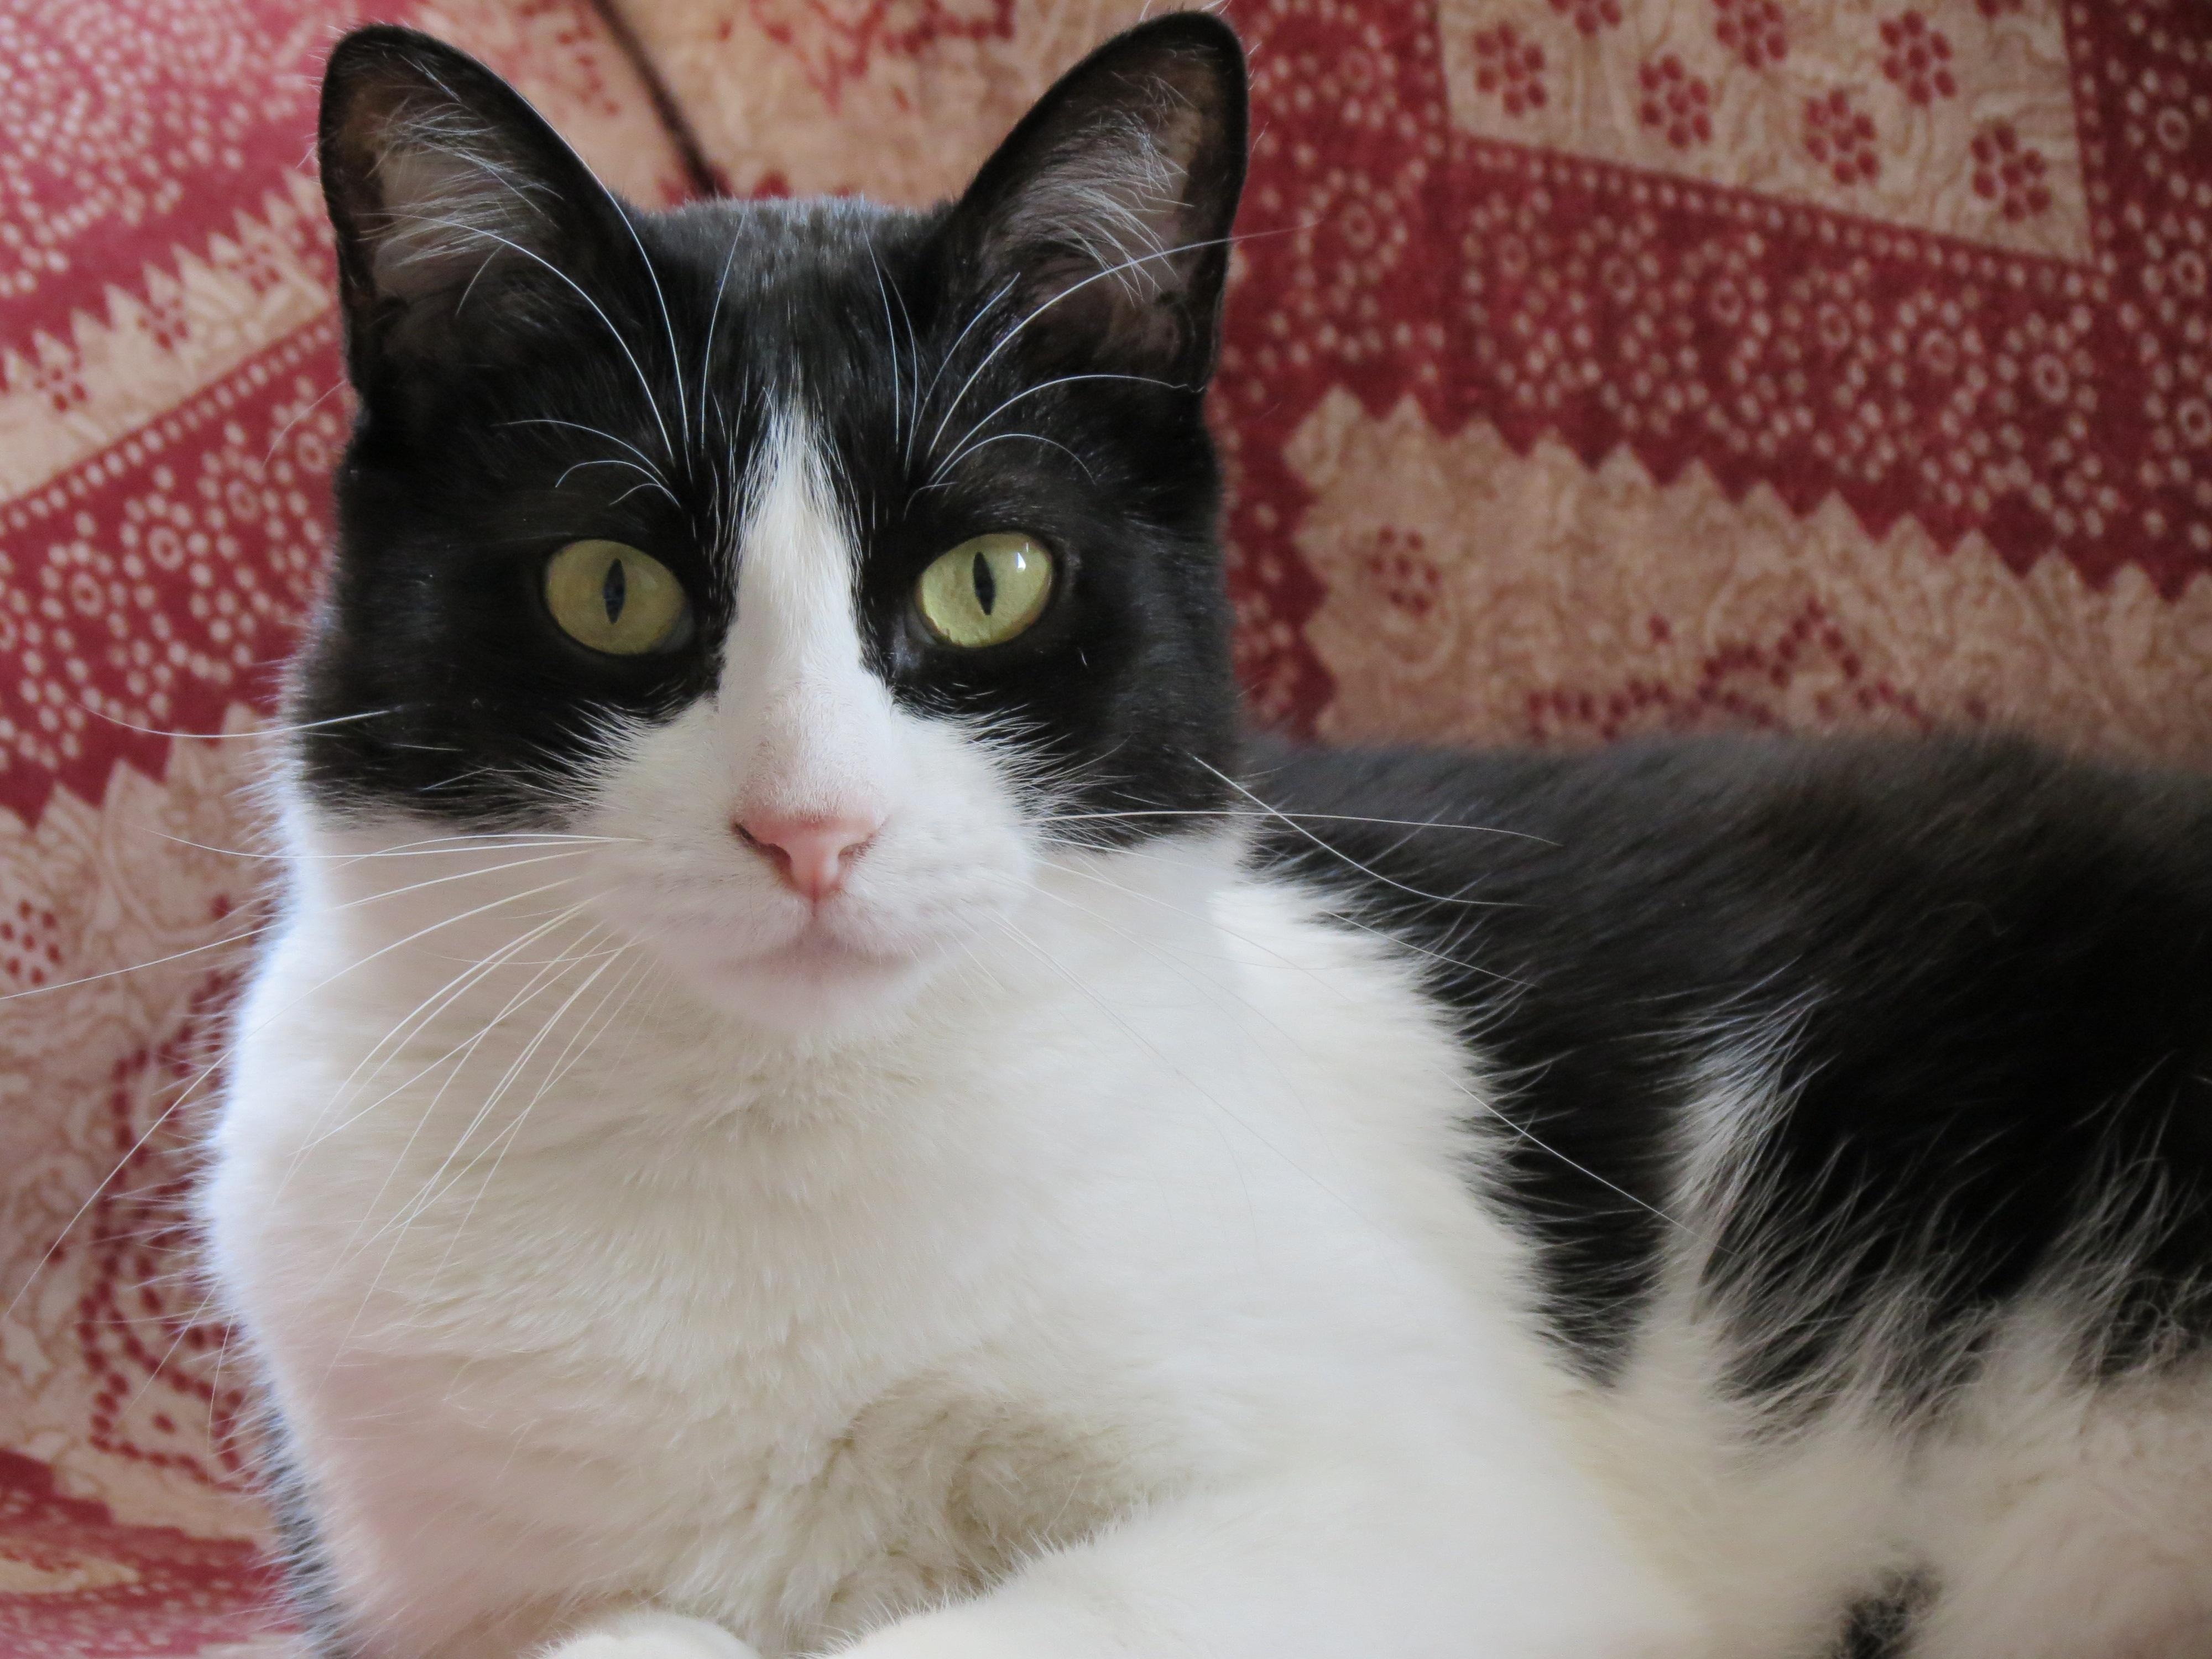 Frases Com Animais De Estimação Para Facebook: Banco De Imagens : Animal, Gatinho, Gato, Felino, Animais